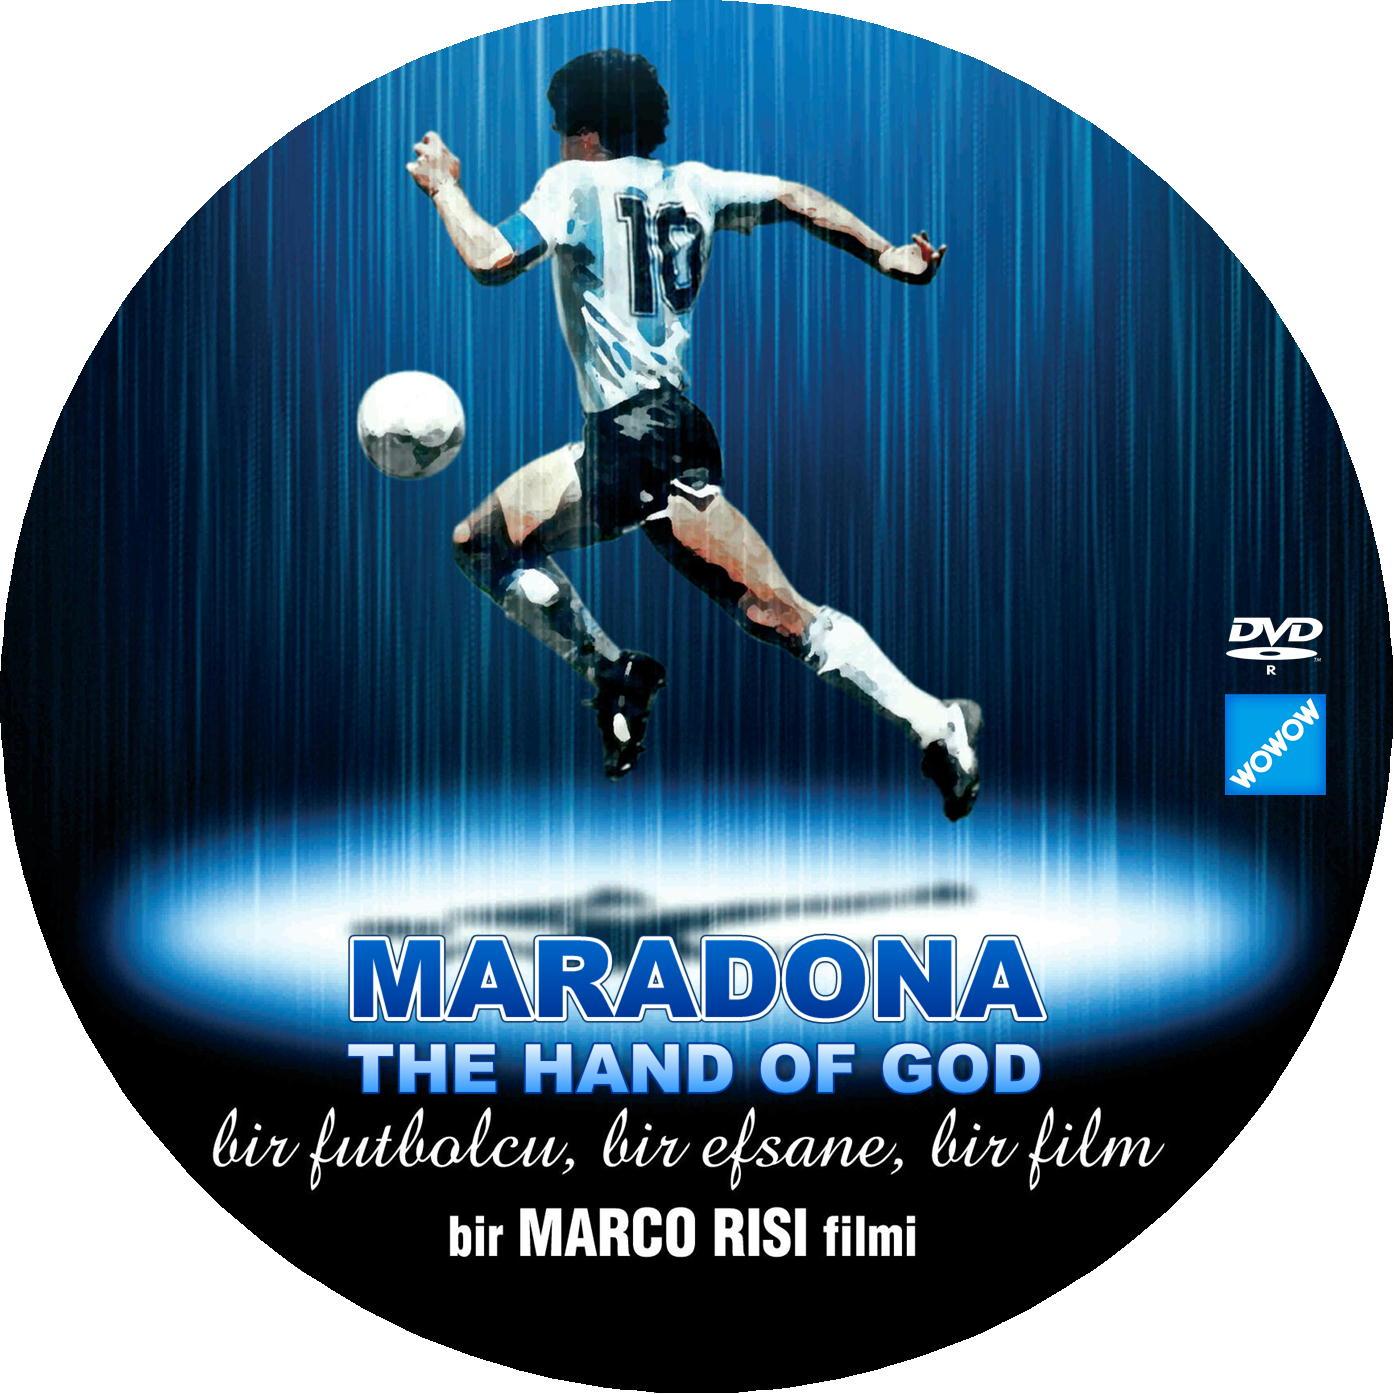 MARADONA DVDラベル